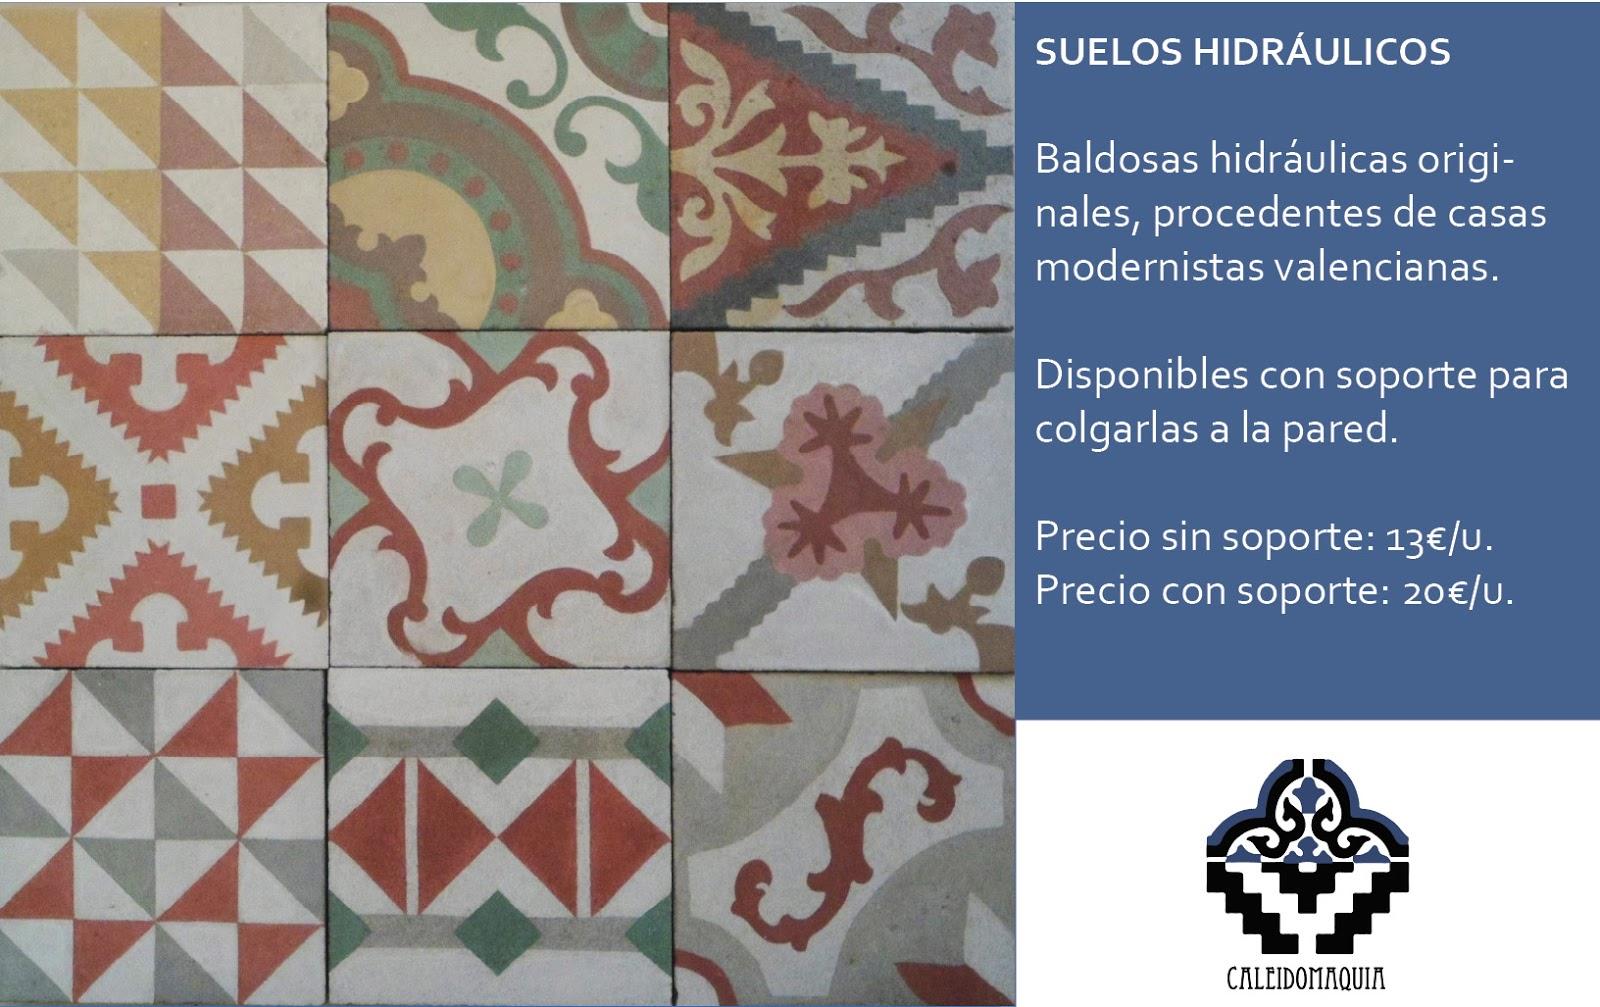 Suelos hidr ulicos y azulejos caleidomaquia - Azulejos y suelos ...